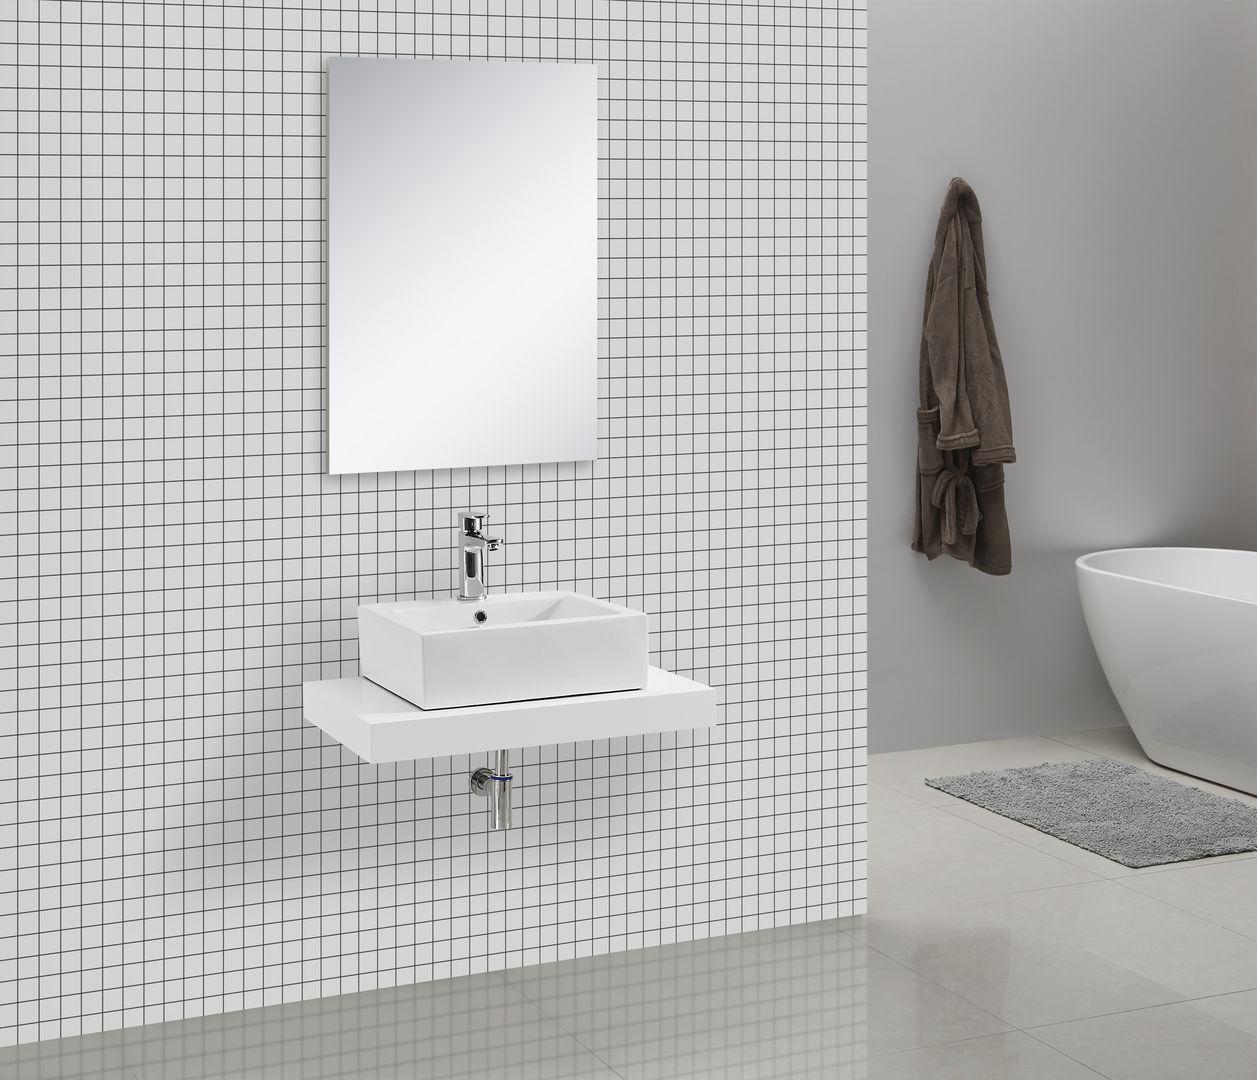 Waschtischkonsole 75 x 50 cm (weiß)